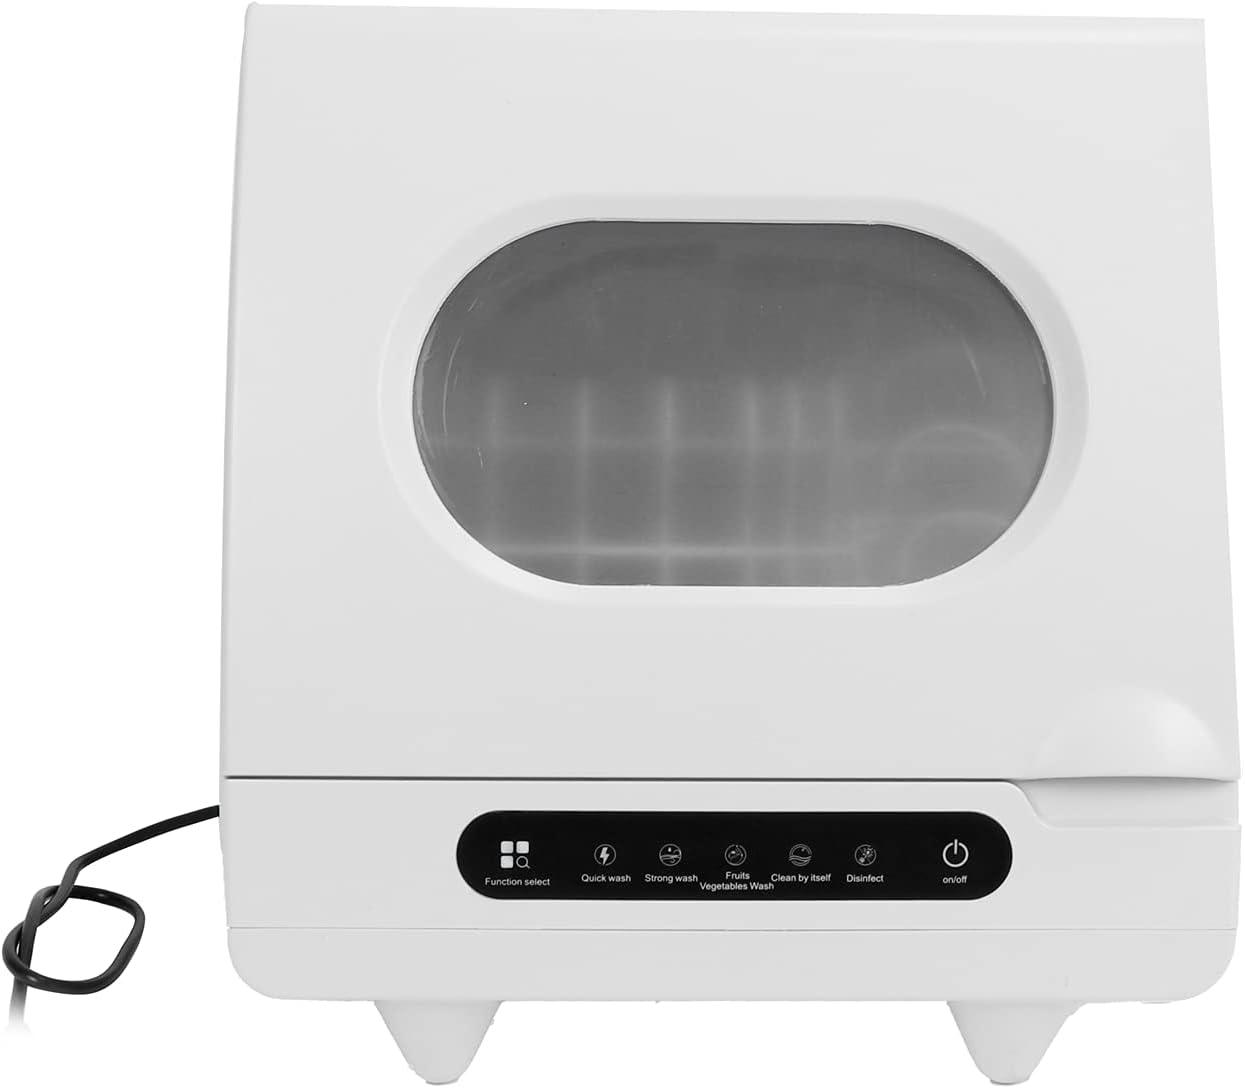 Mini lavavajillas, 40 x 40 x 40 cm Mini mesa Lavavajillas, 5 funciones grandes, 72 ℃ Limpieza de agua caliente, máximo 2-6 juegos de vajilla, 2-3 litros de agua, para apartamentos, botes(220V EU)